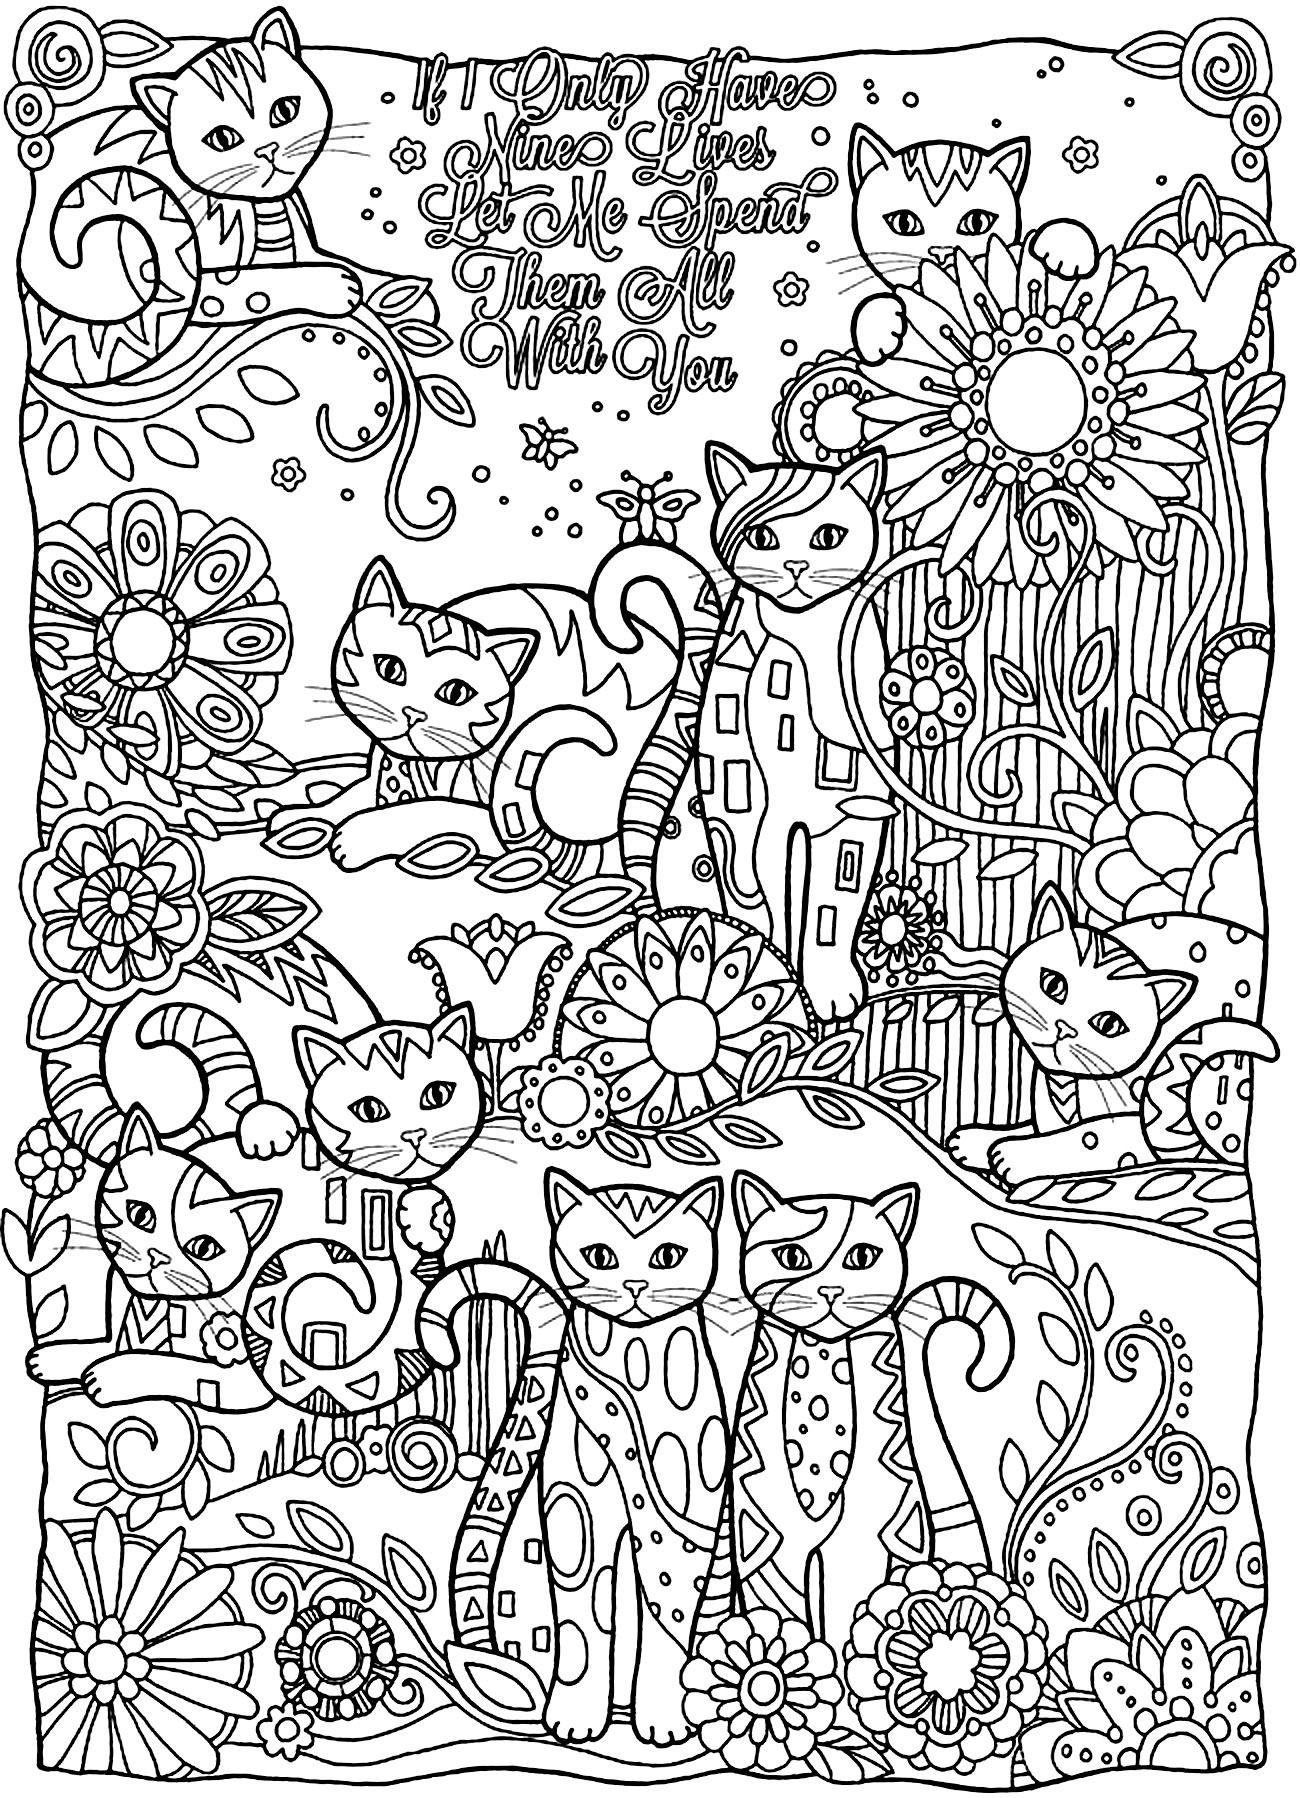 Disegni da colorare per adulti : Gatti - 9